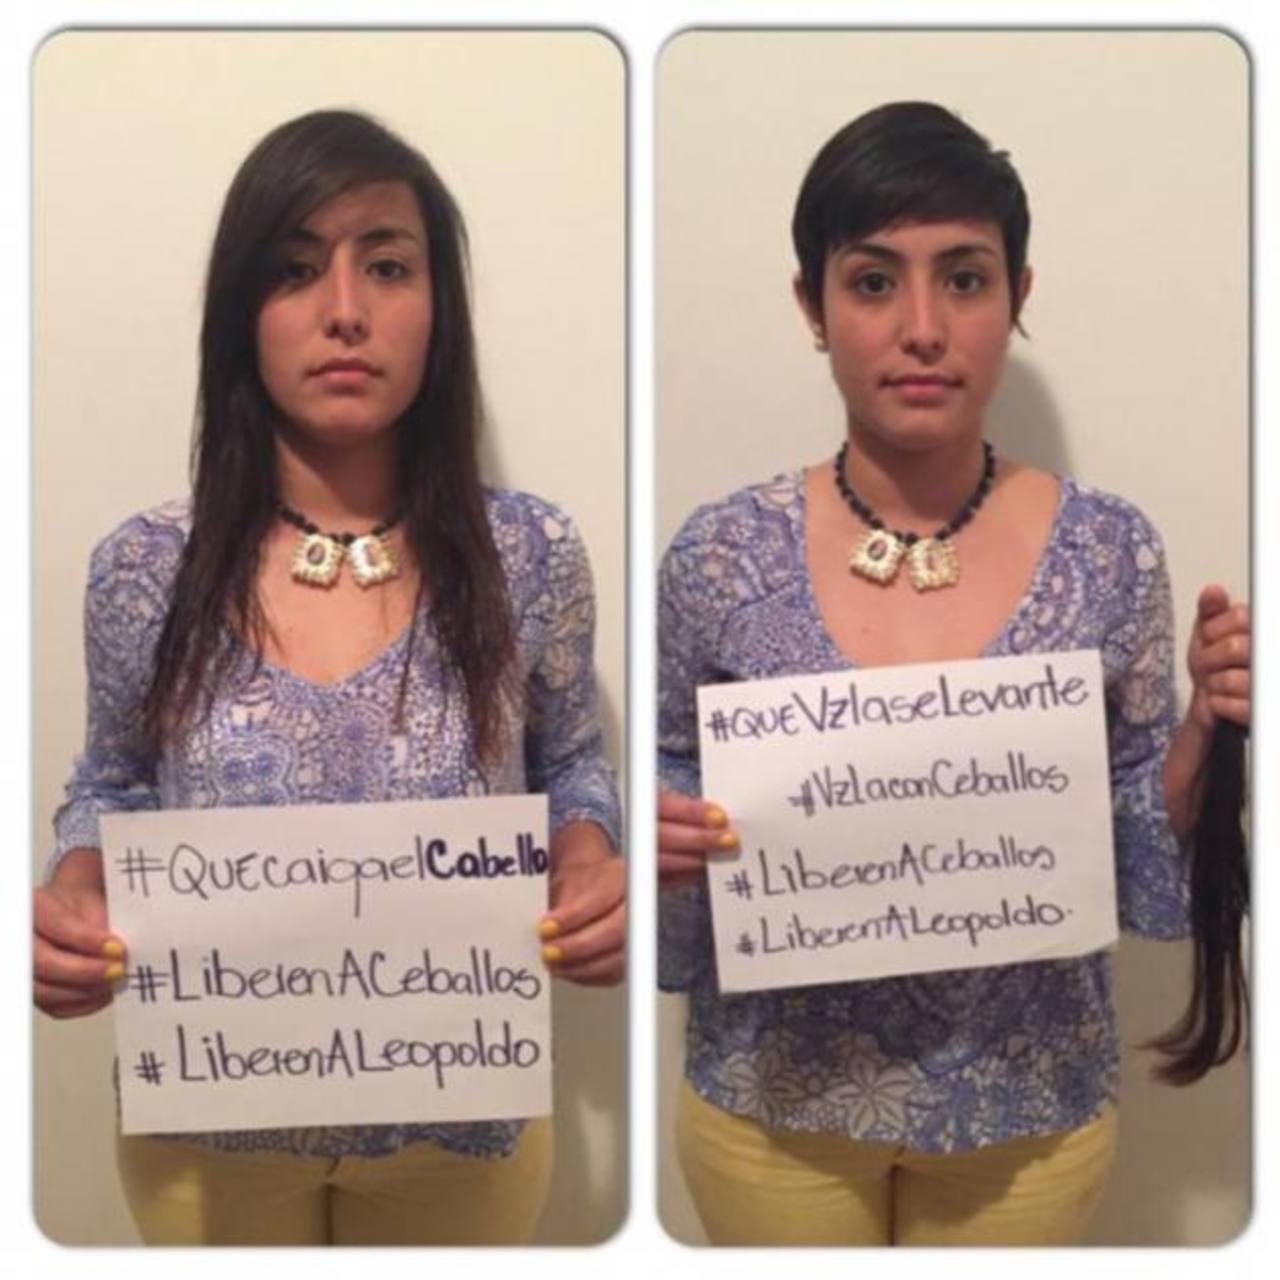 En protesta para que liberen a los opositores Daniel Ceballos y Leopoldo López, la esposa del primero, Patricia, se cortó el pelo. La campaña tuvo una fuerte repercusión en redes sociales. Foto EDH / internet